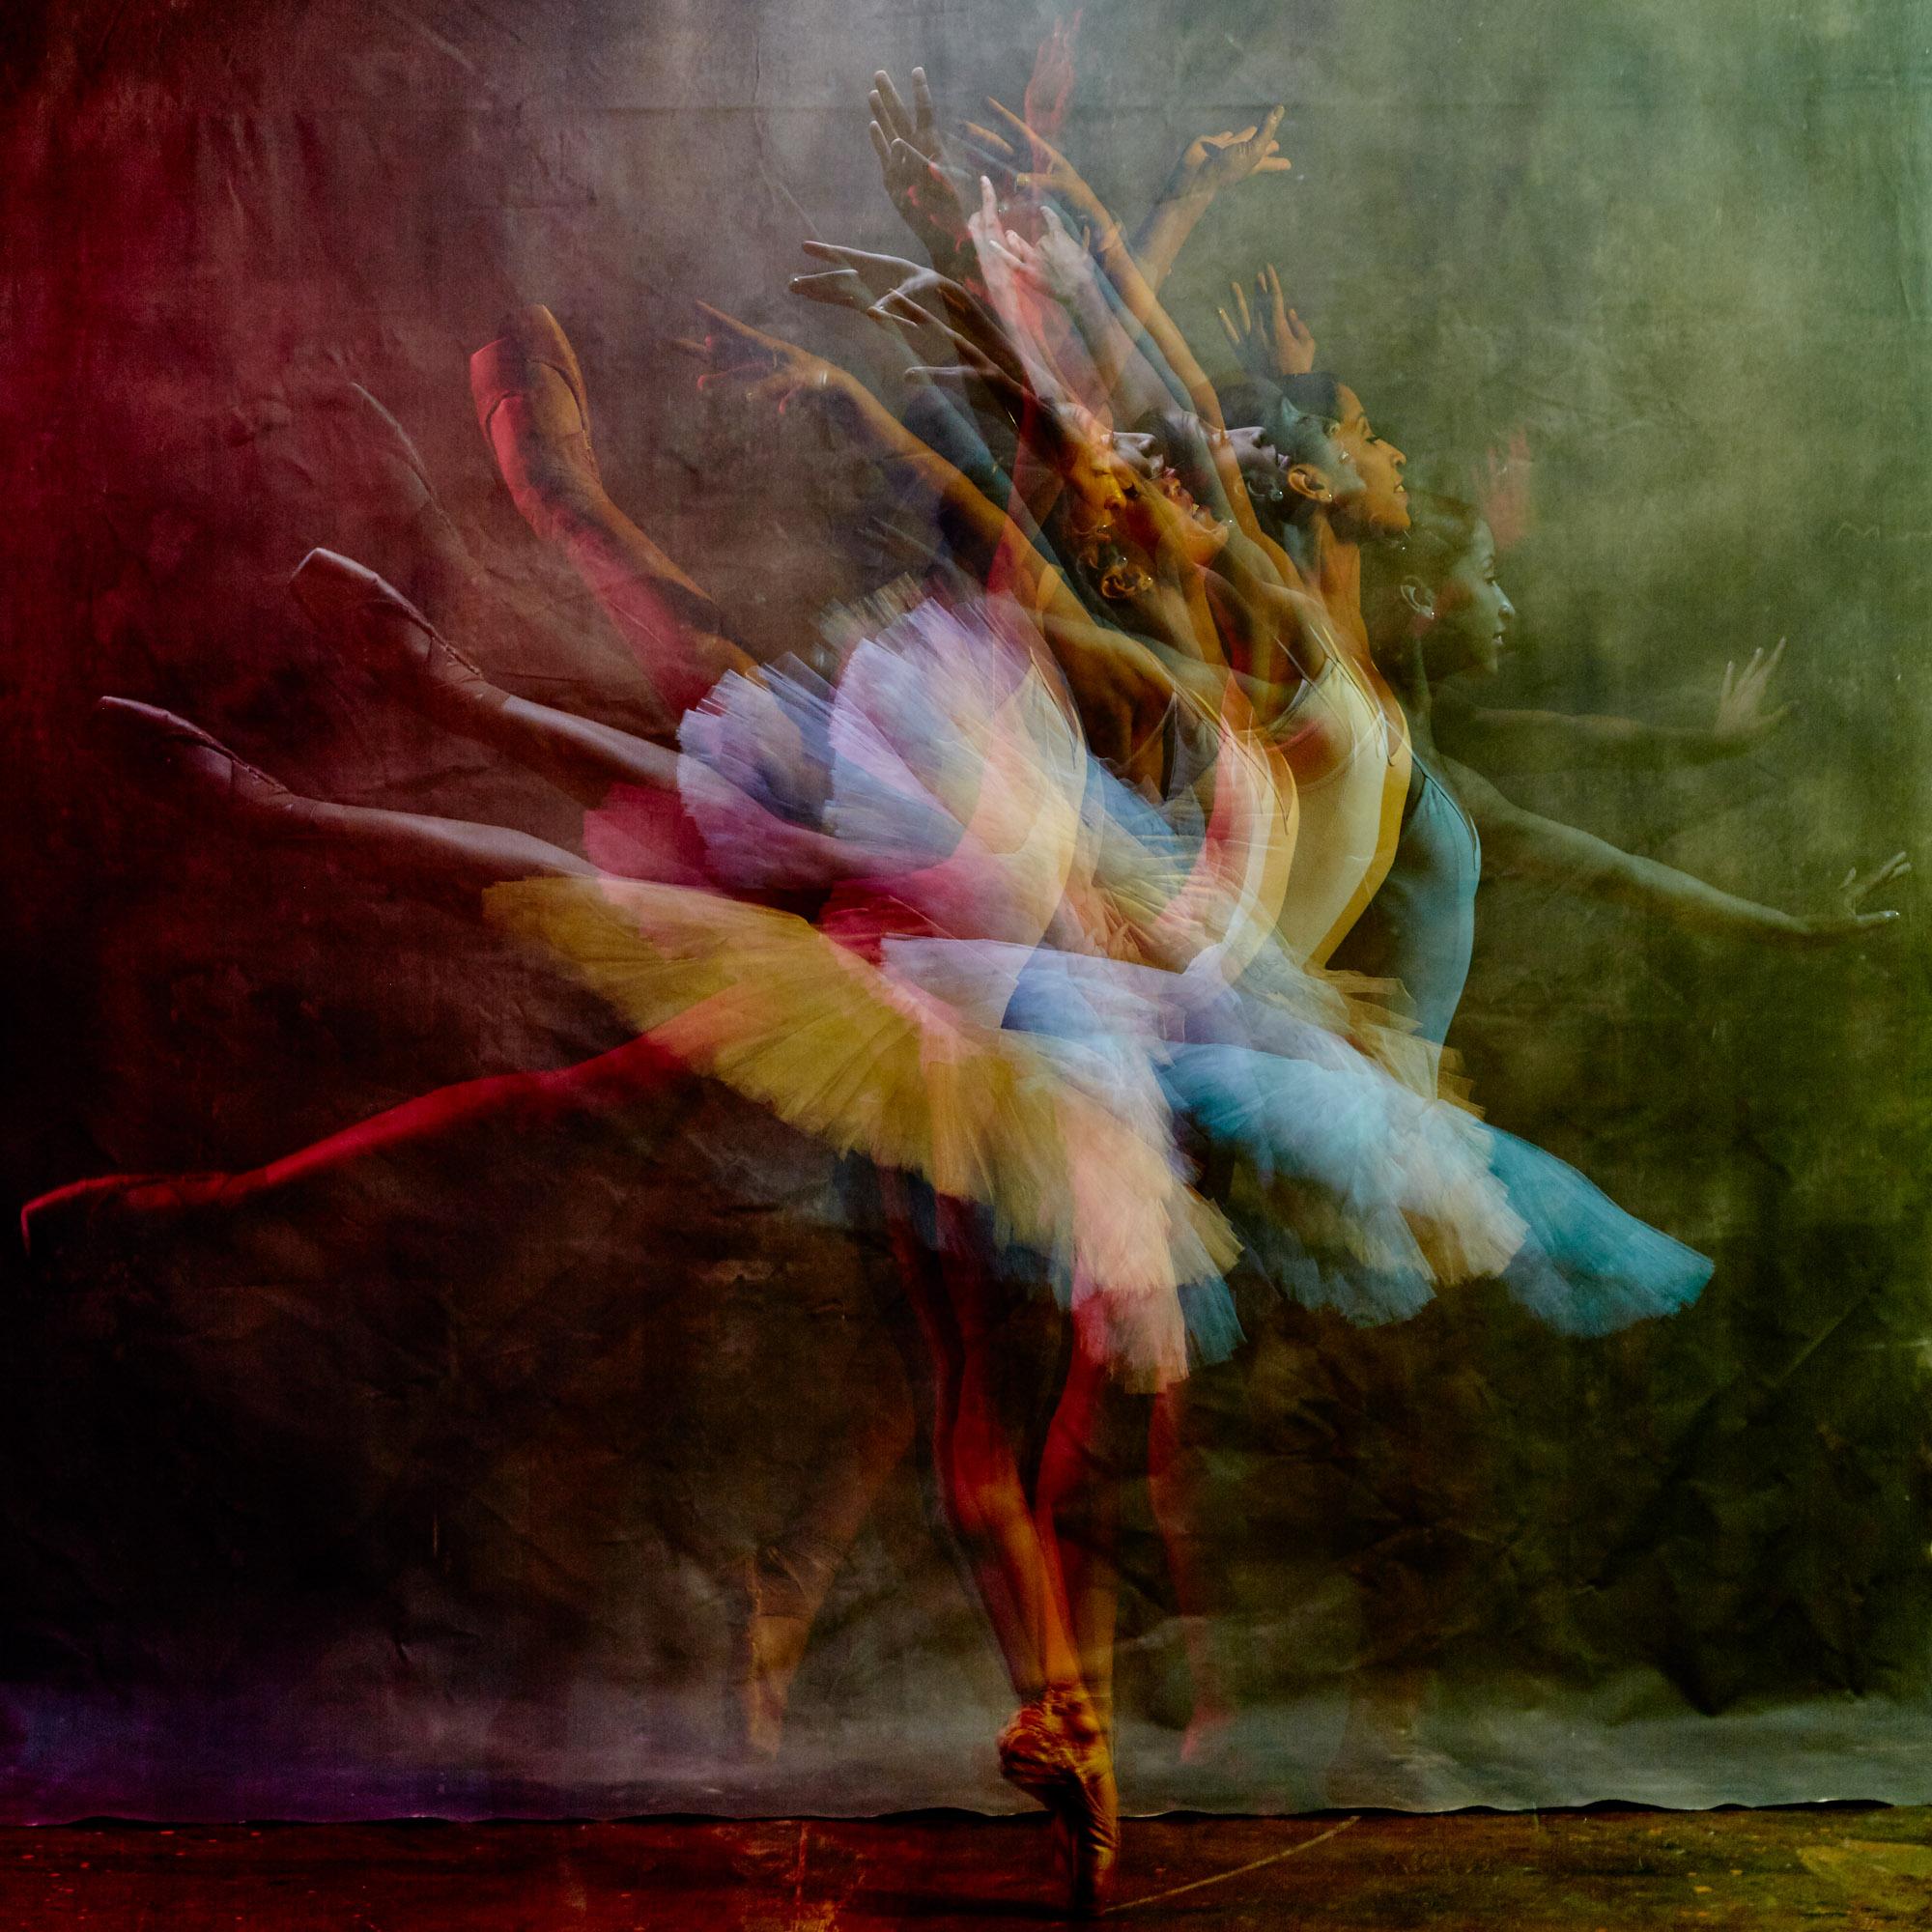 dancer_19445.jpg